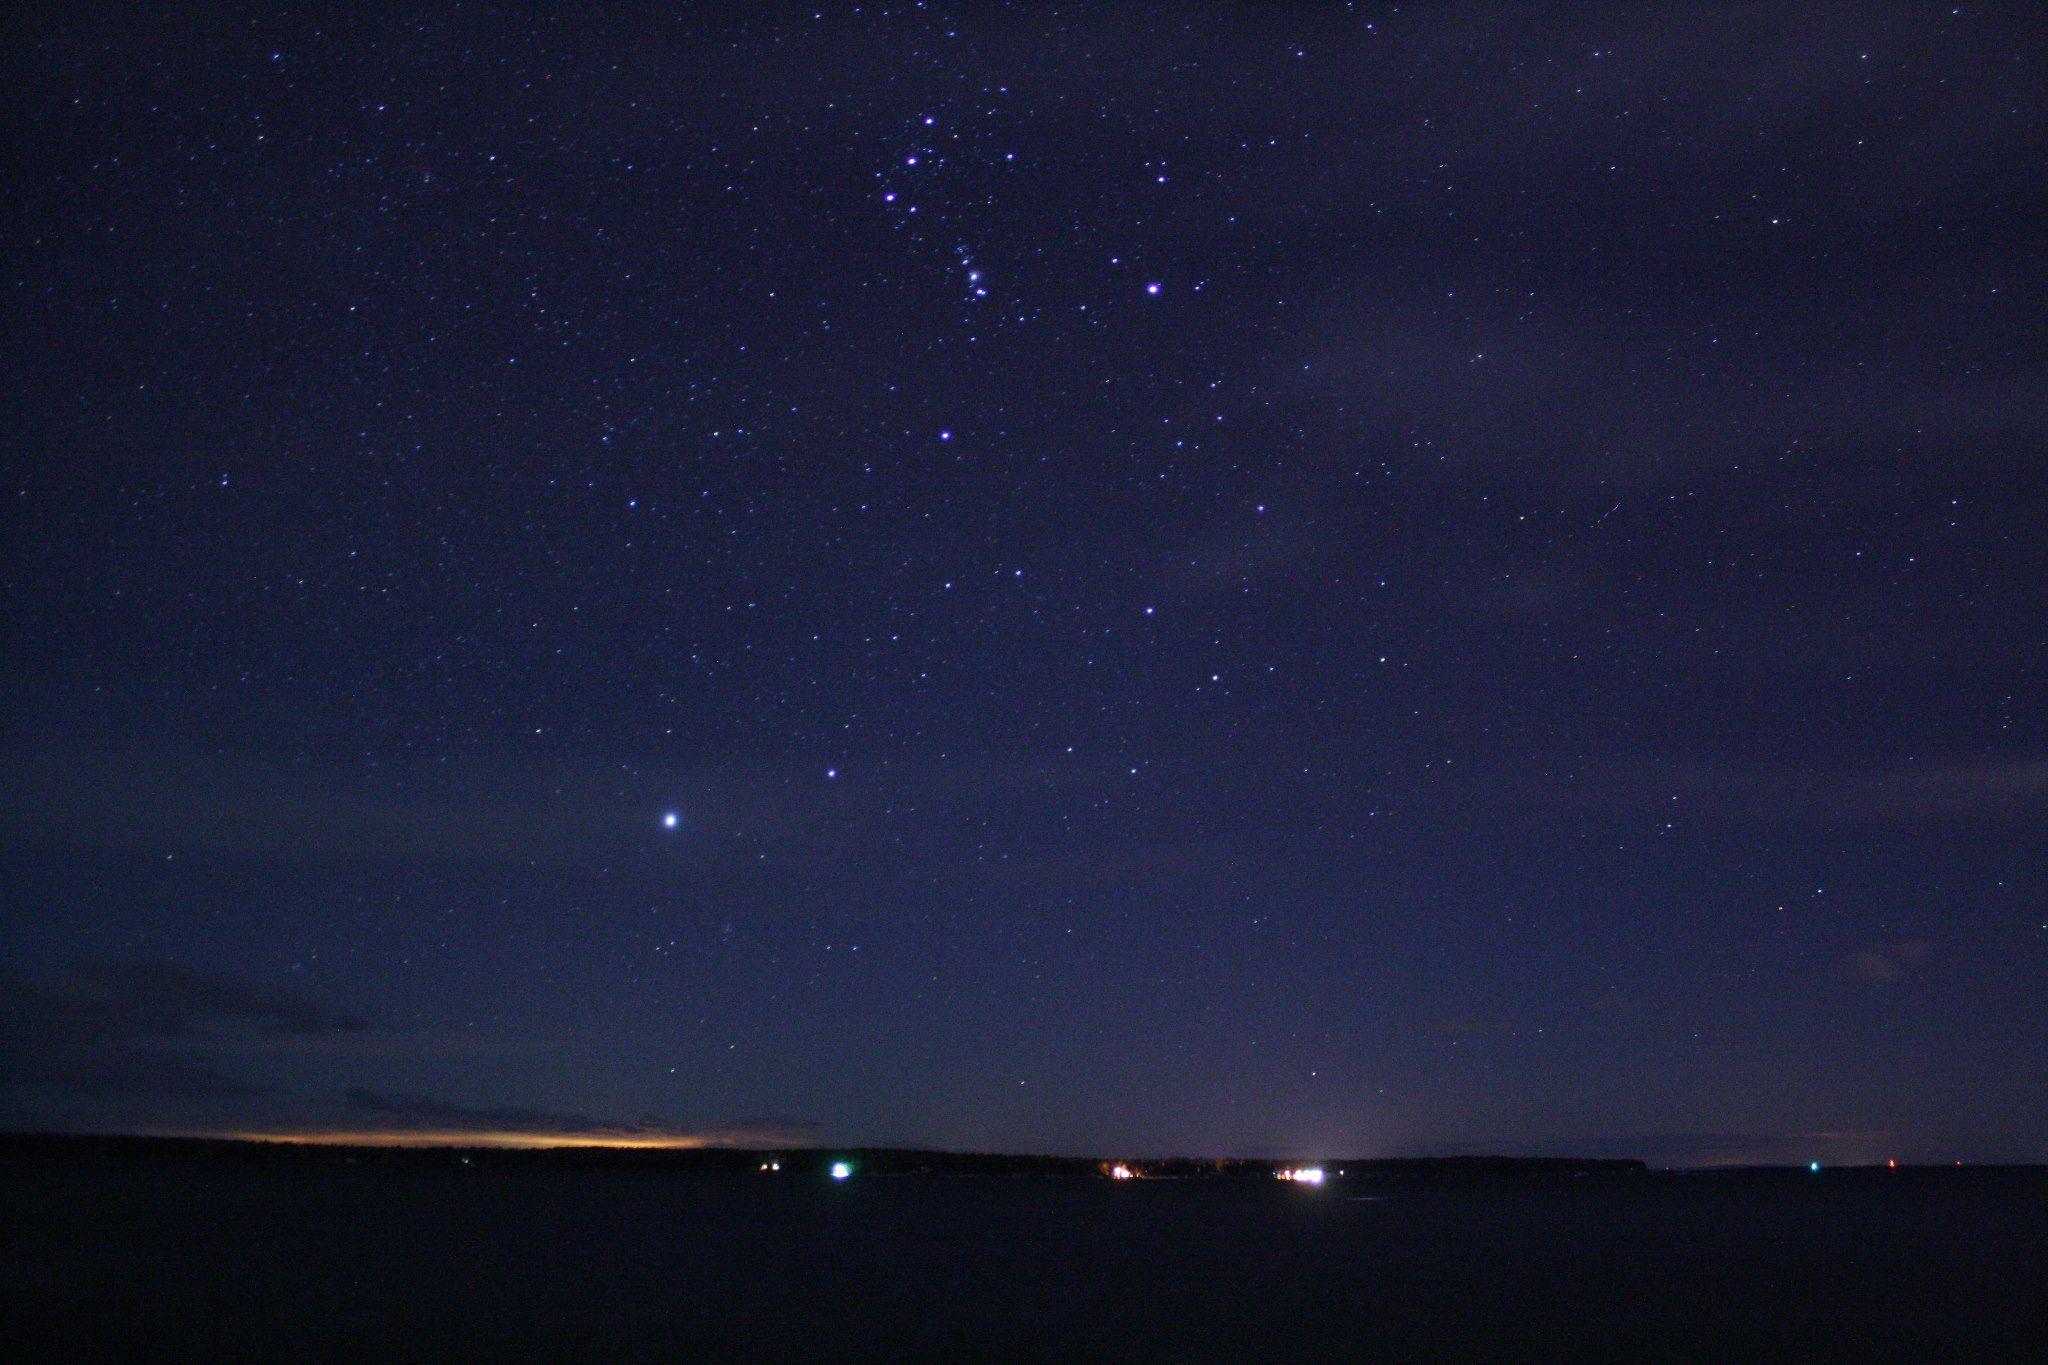 браслета фото звезды сириуса должен гармонировать отделкой